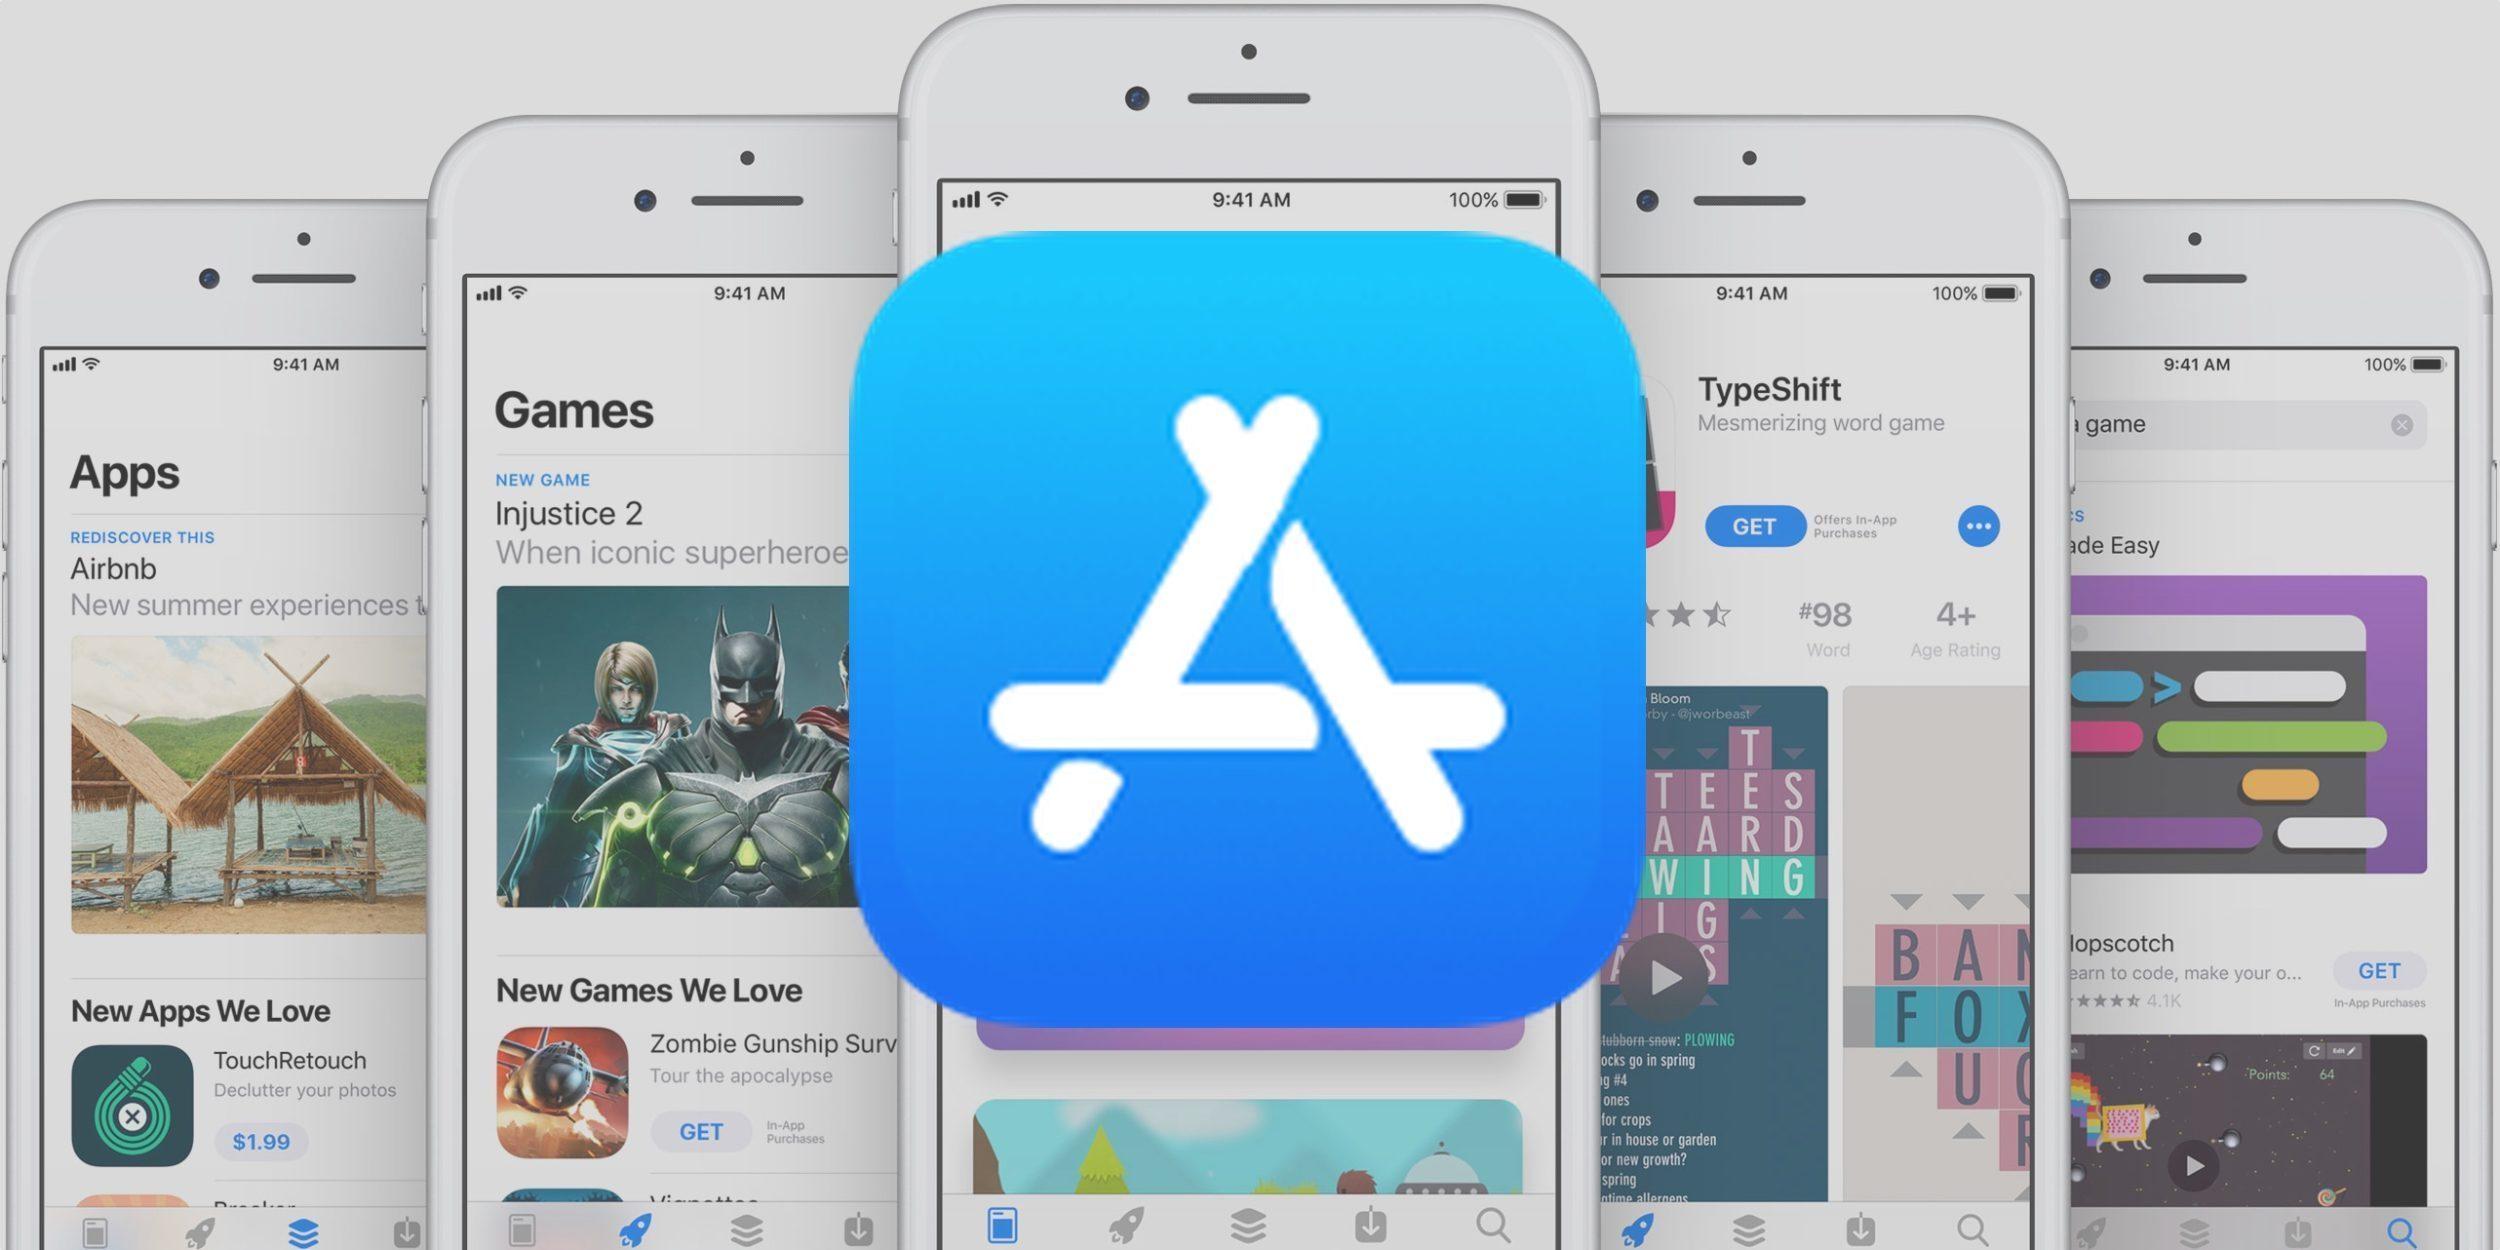 App Store : les nouvelles apps n'attirent plus autant qu'avant 1